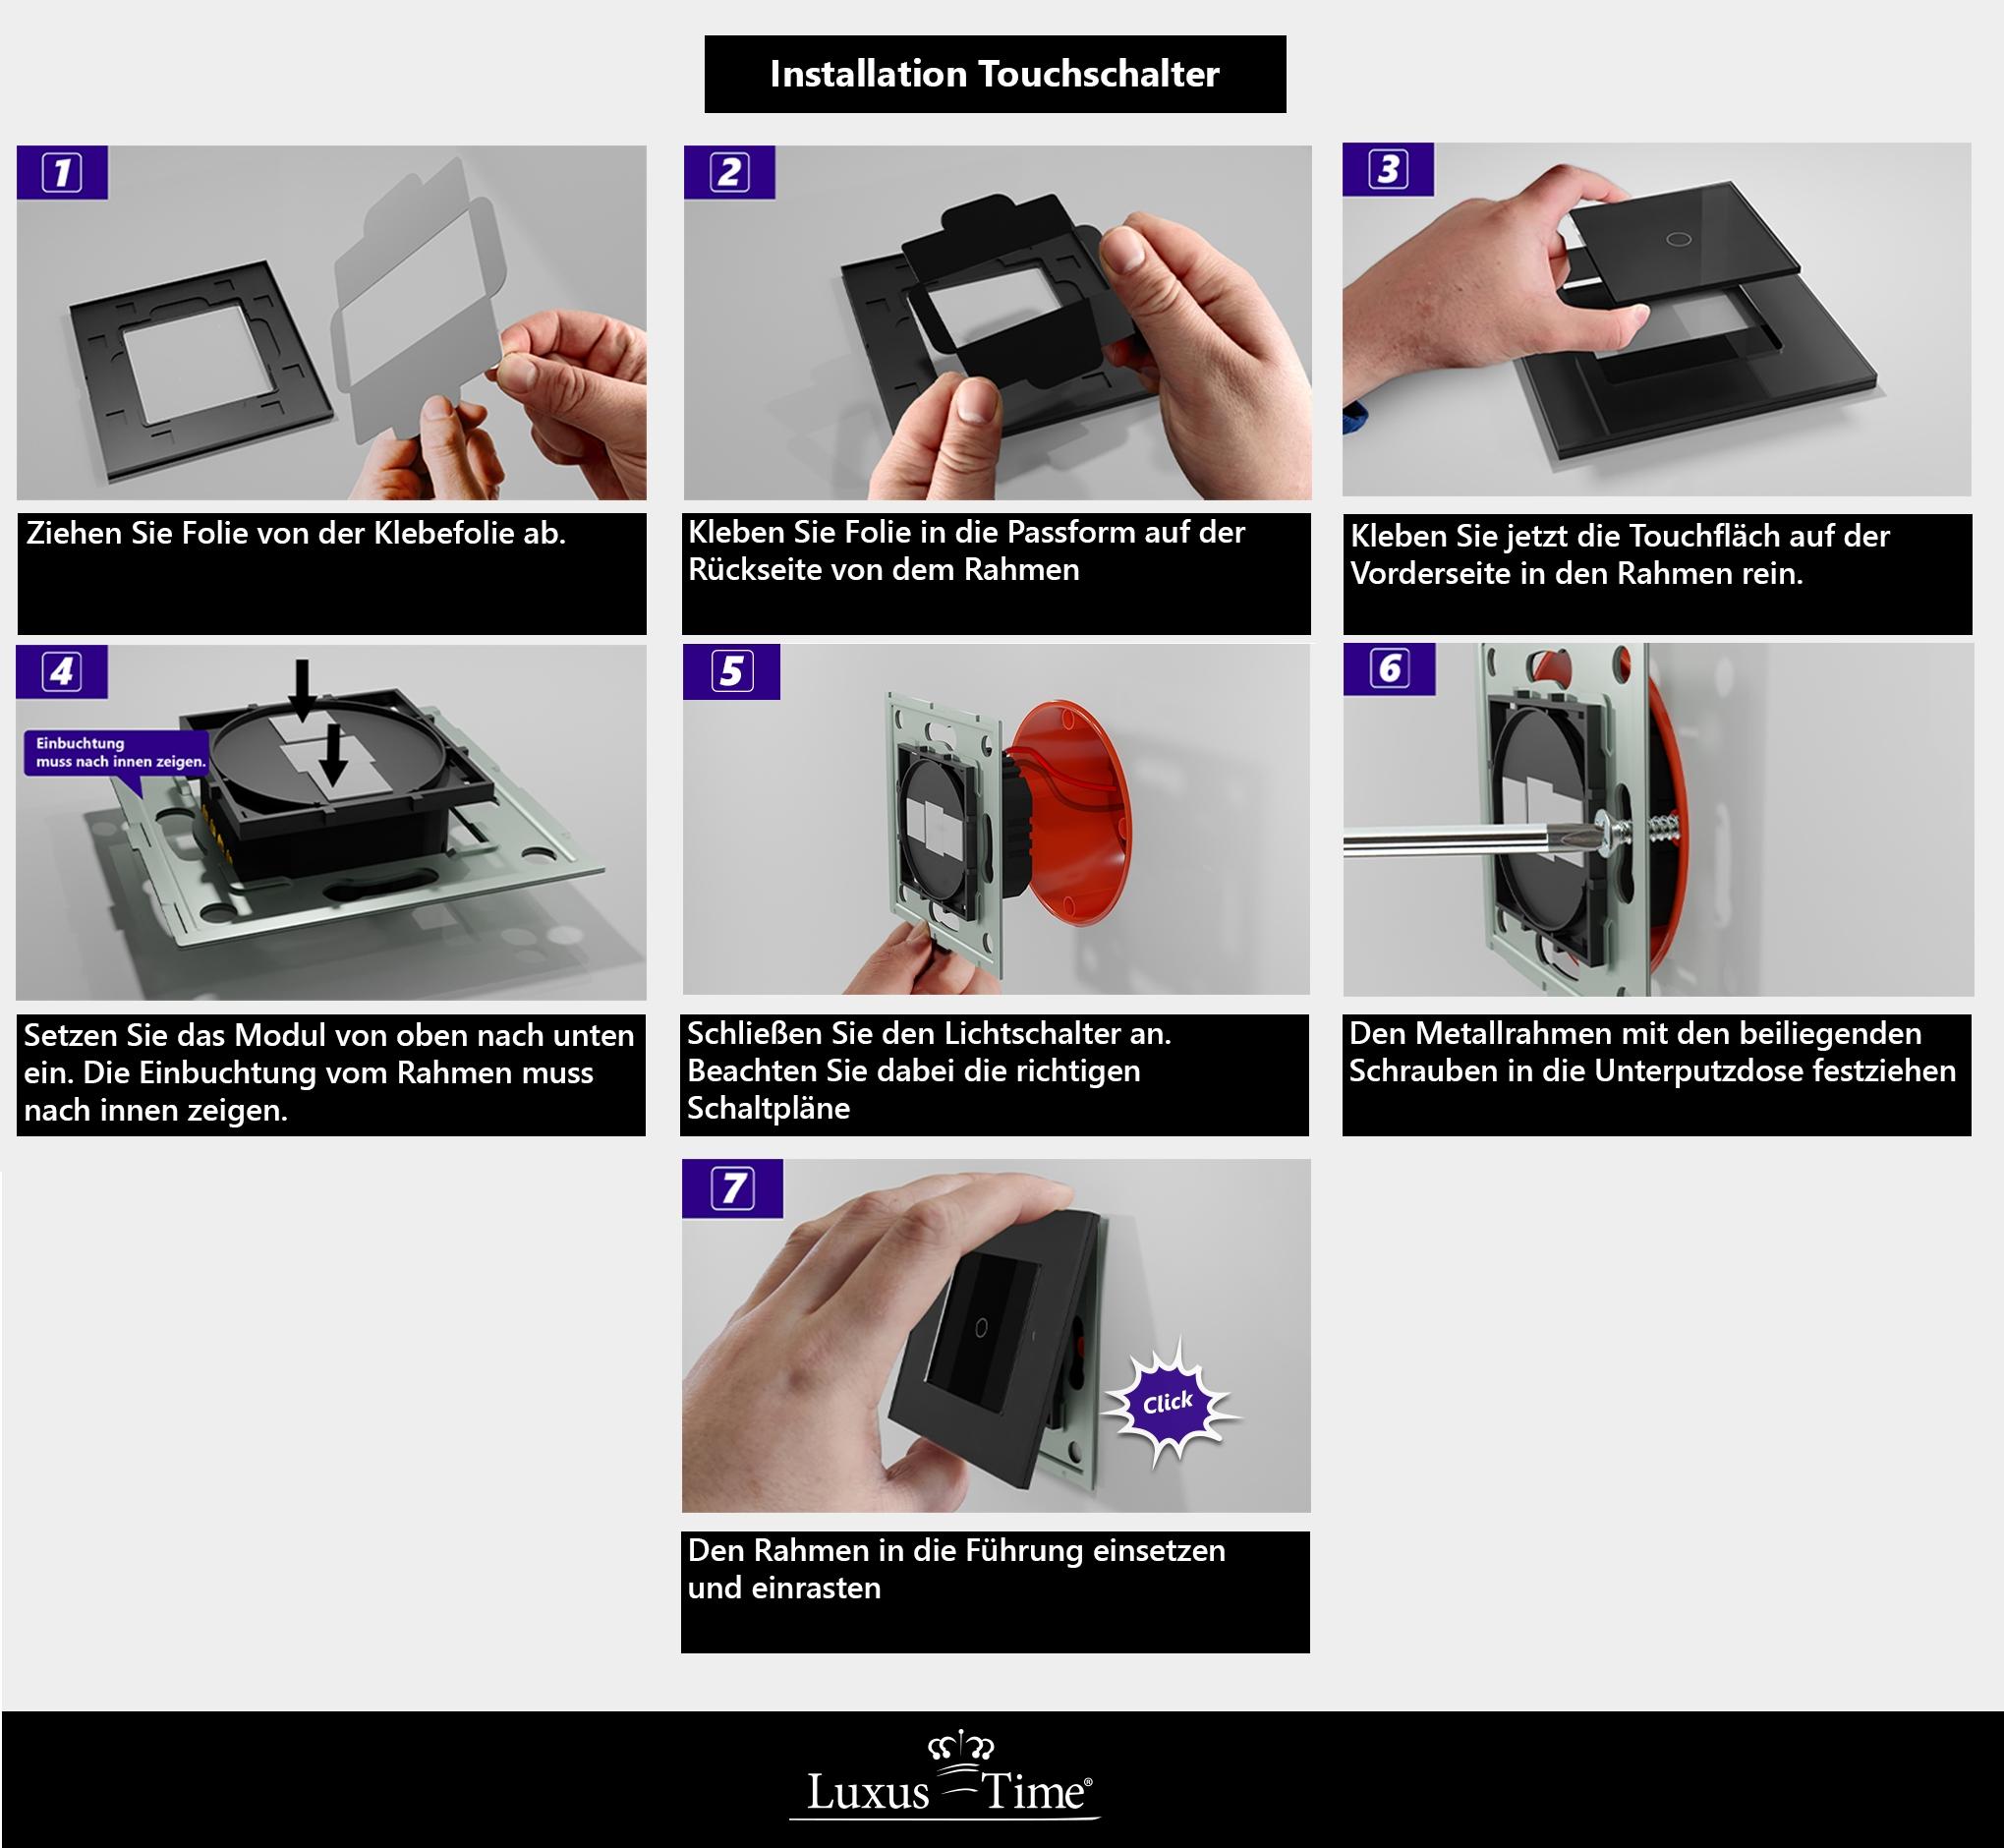 /Installation-Touchschalter-neu.jpg